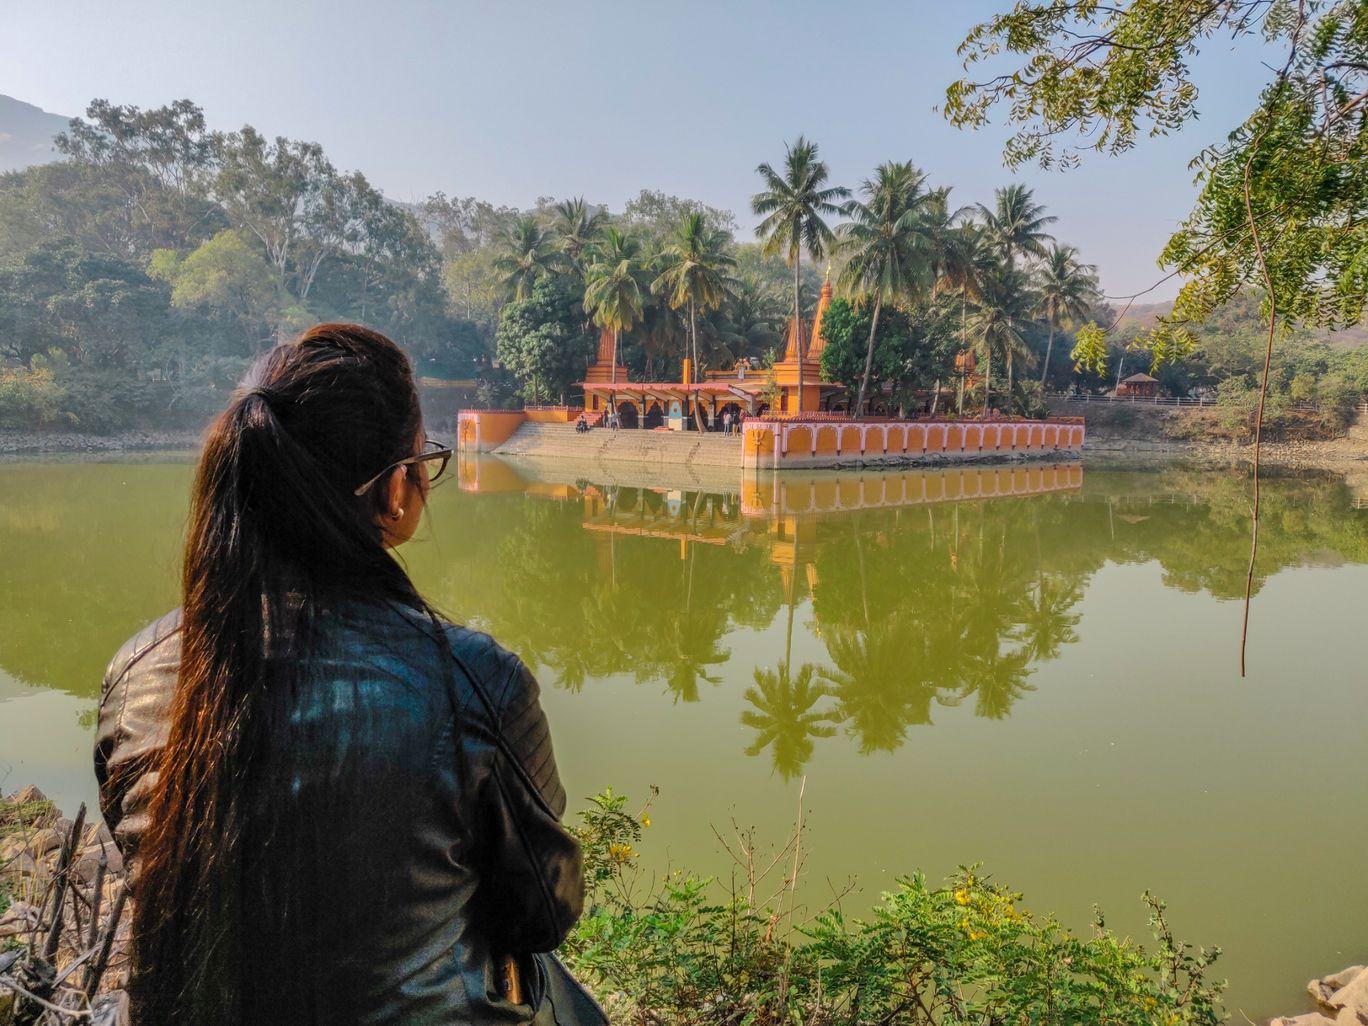 Photo of Ramdara Temple By Swapnil Jagtap